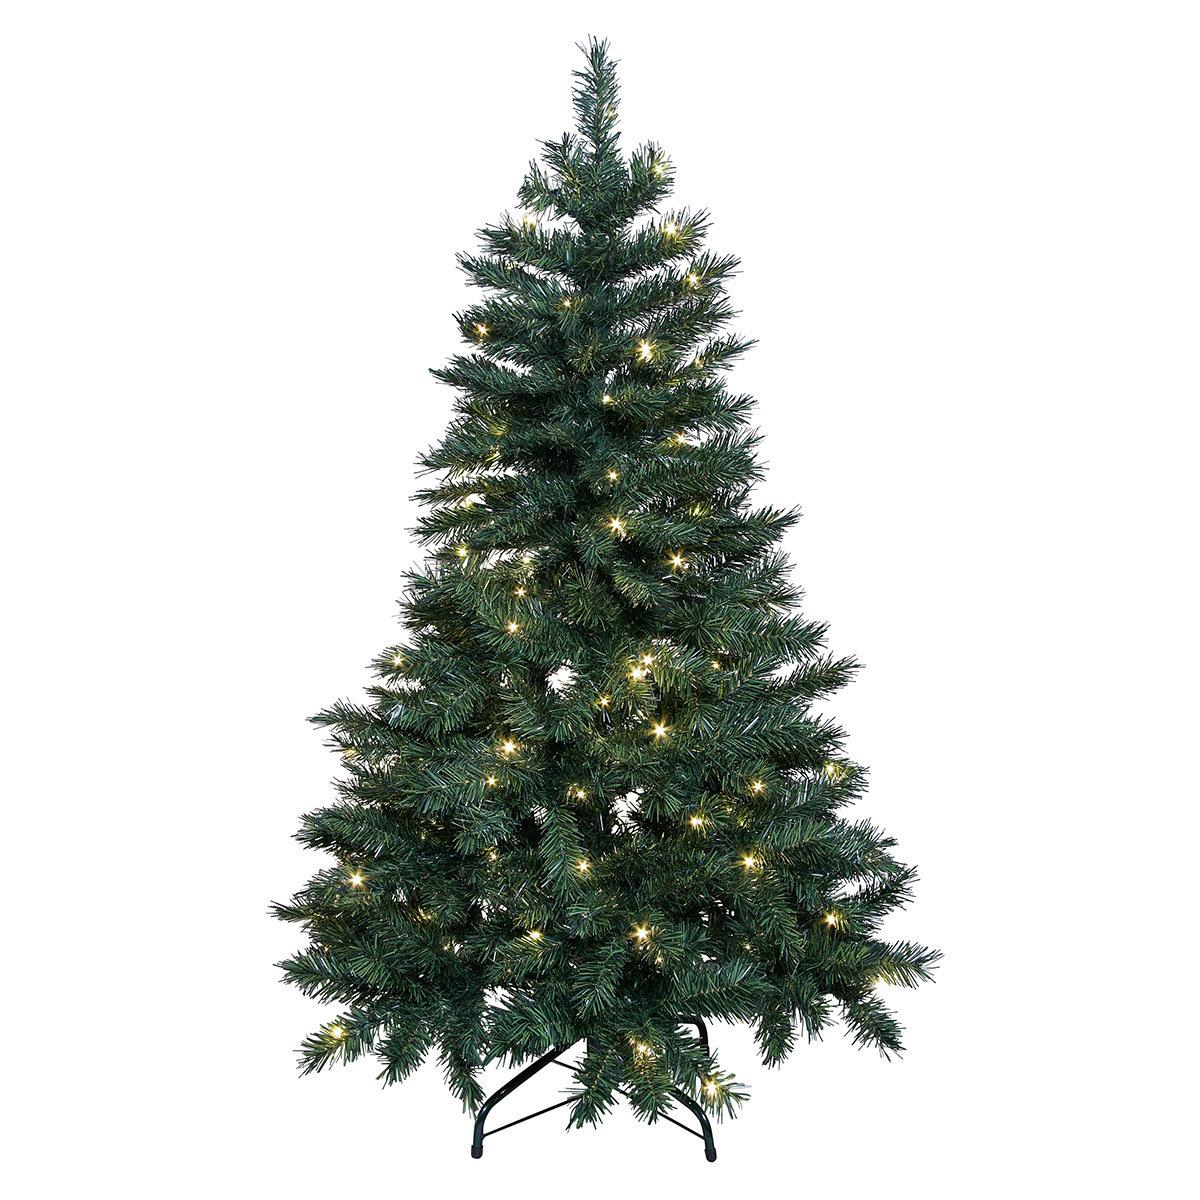 Künstlicher Weihnachtsbaum Für Aussenbereich.Künstlicher Led Außen Weihnachtsbaum Grüne Pracht Klein